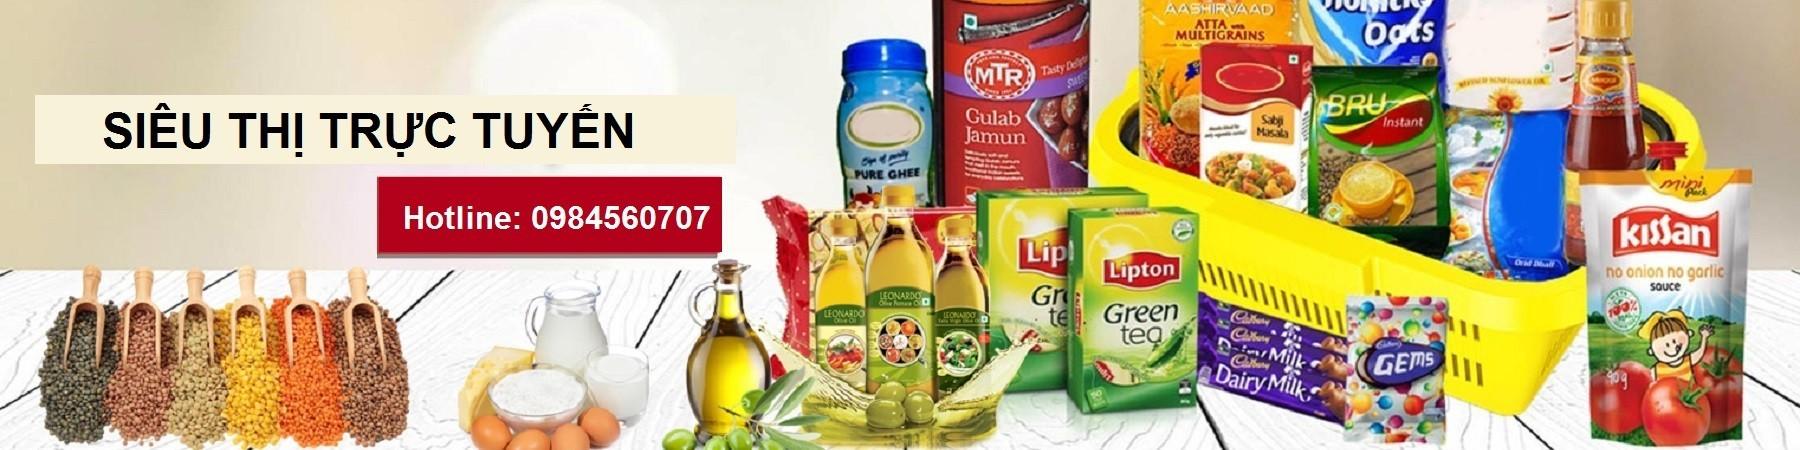 đồ dùng,gia dụng,thực phẩm nhập khẩu châu âu.Giá rẻ